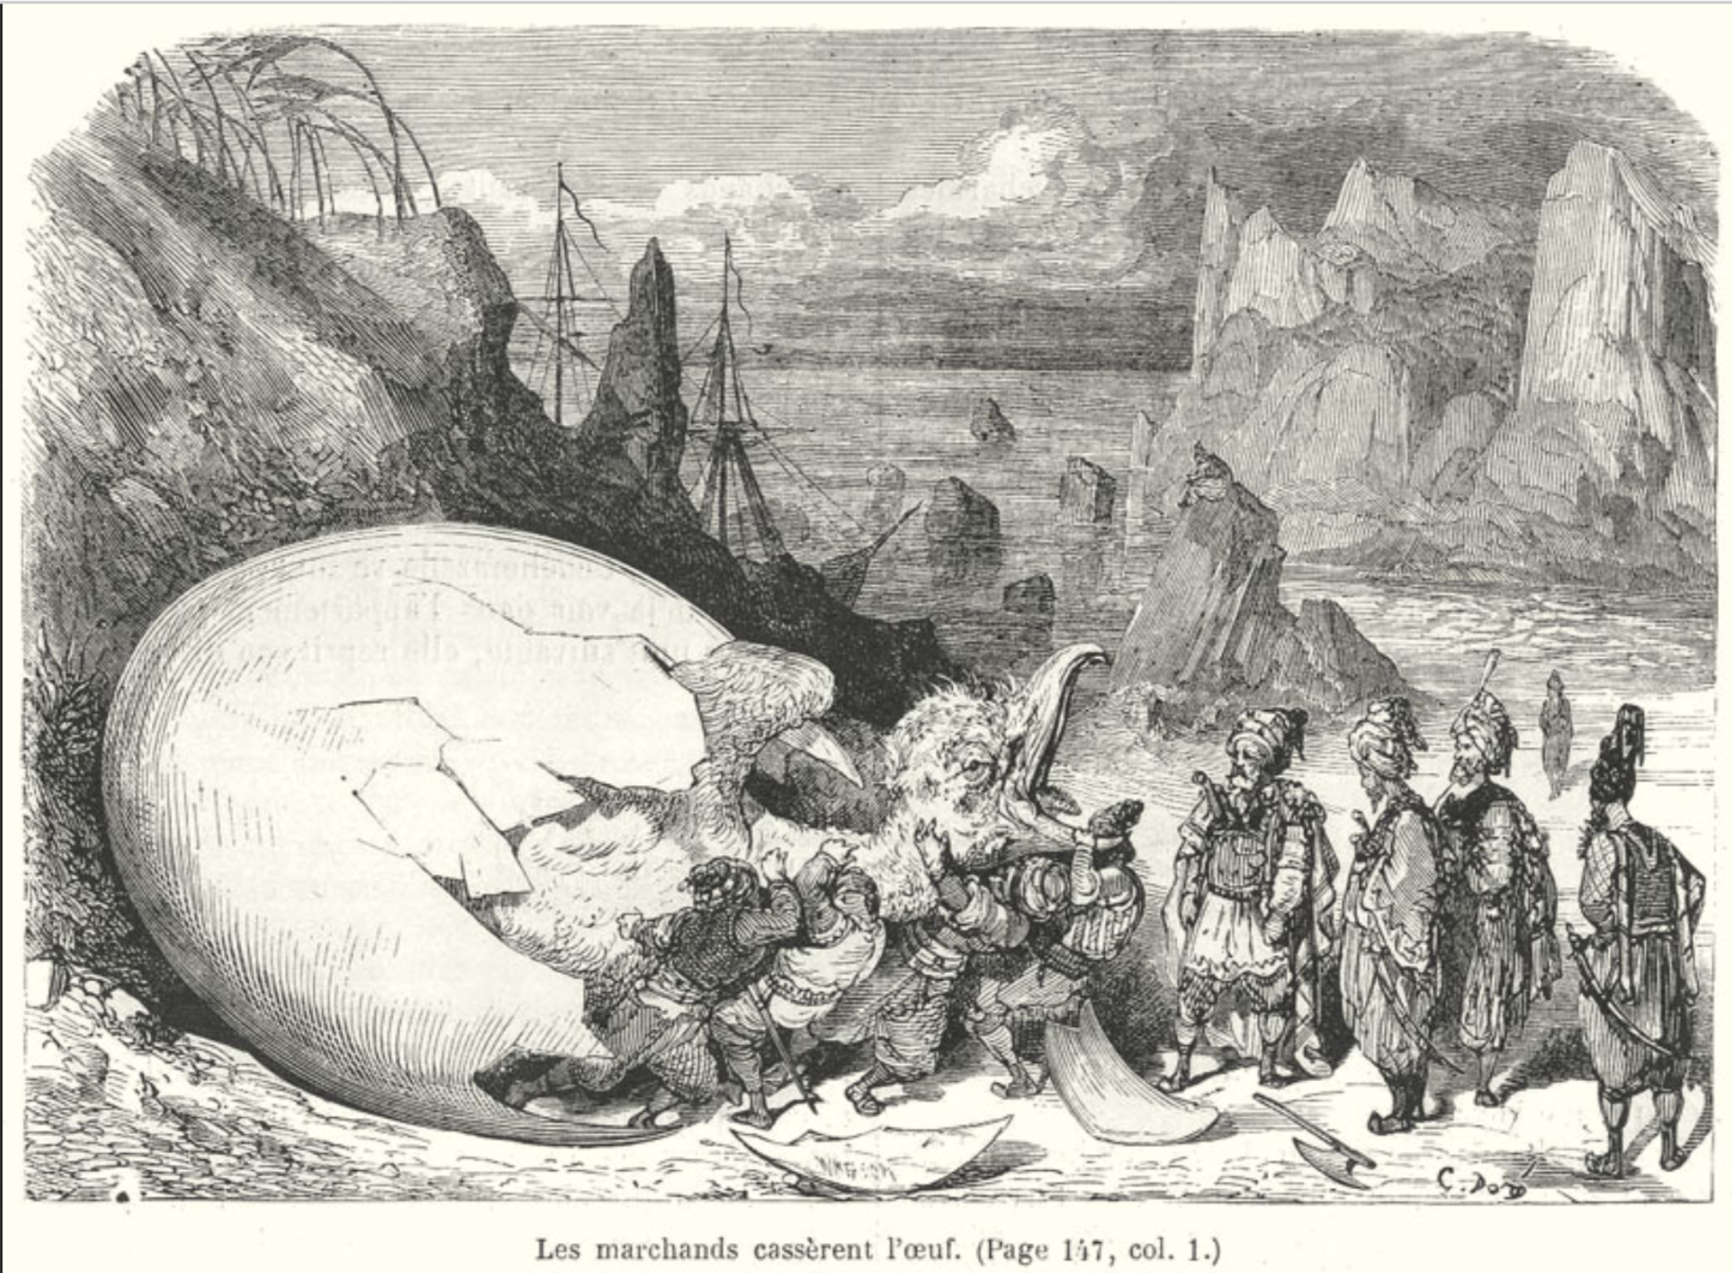 The merchants break the roc's egg, Le Magasin pitoresque, Paris, 1865